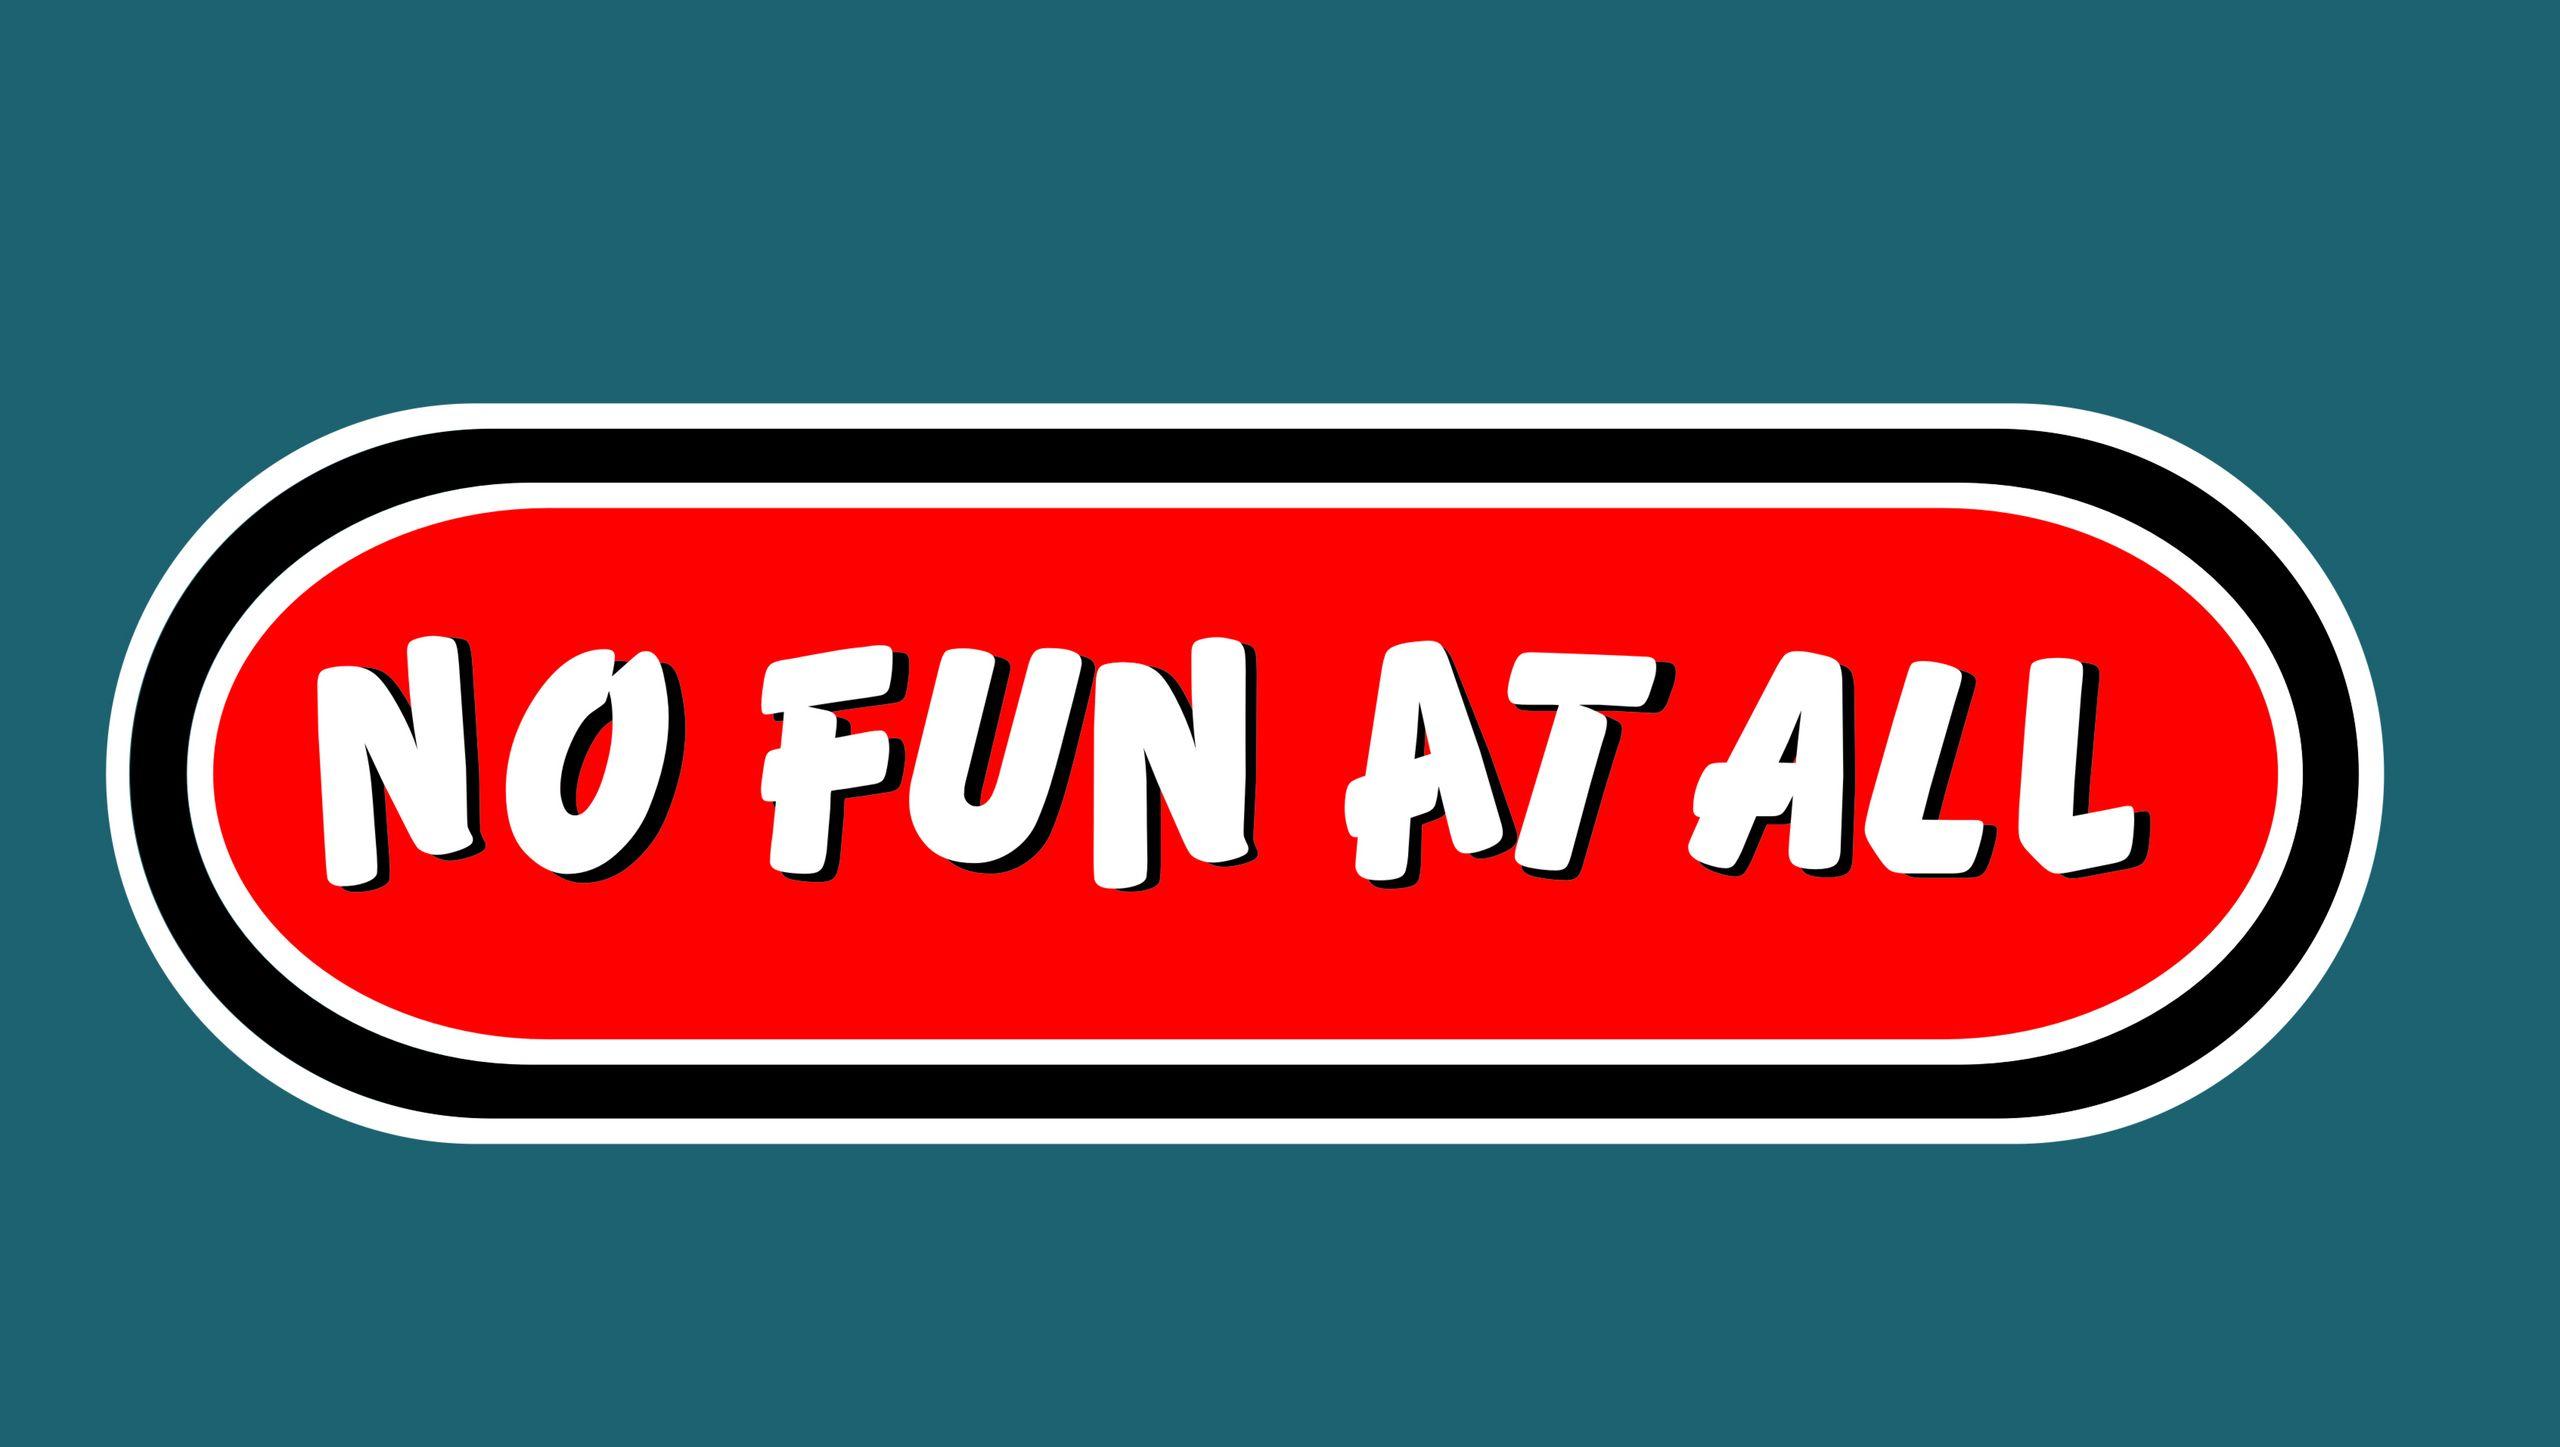 No Fun At All Logo Wallpaper2 no fun at all 19134818 2560 1447